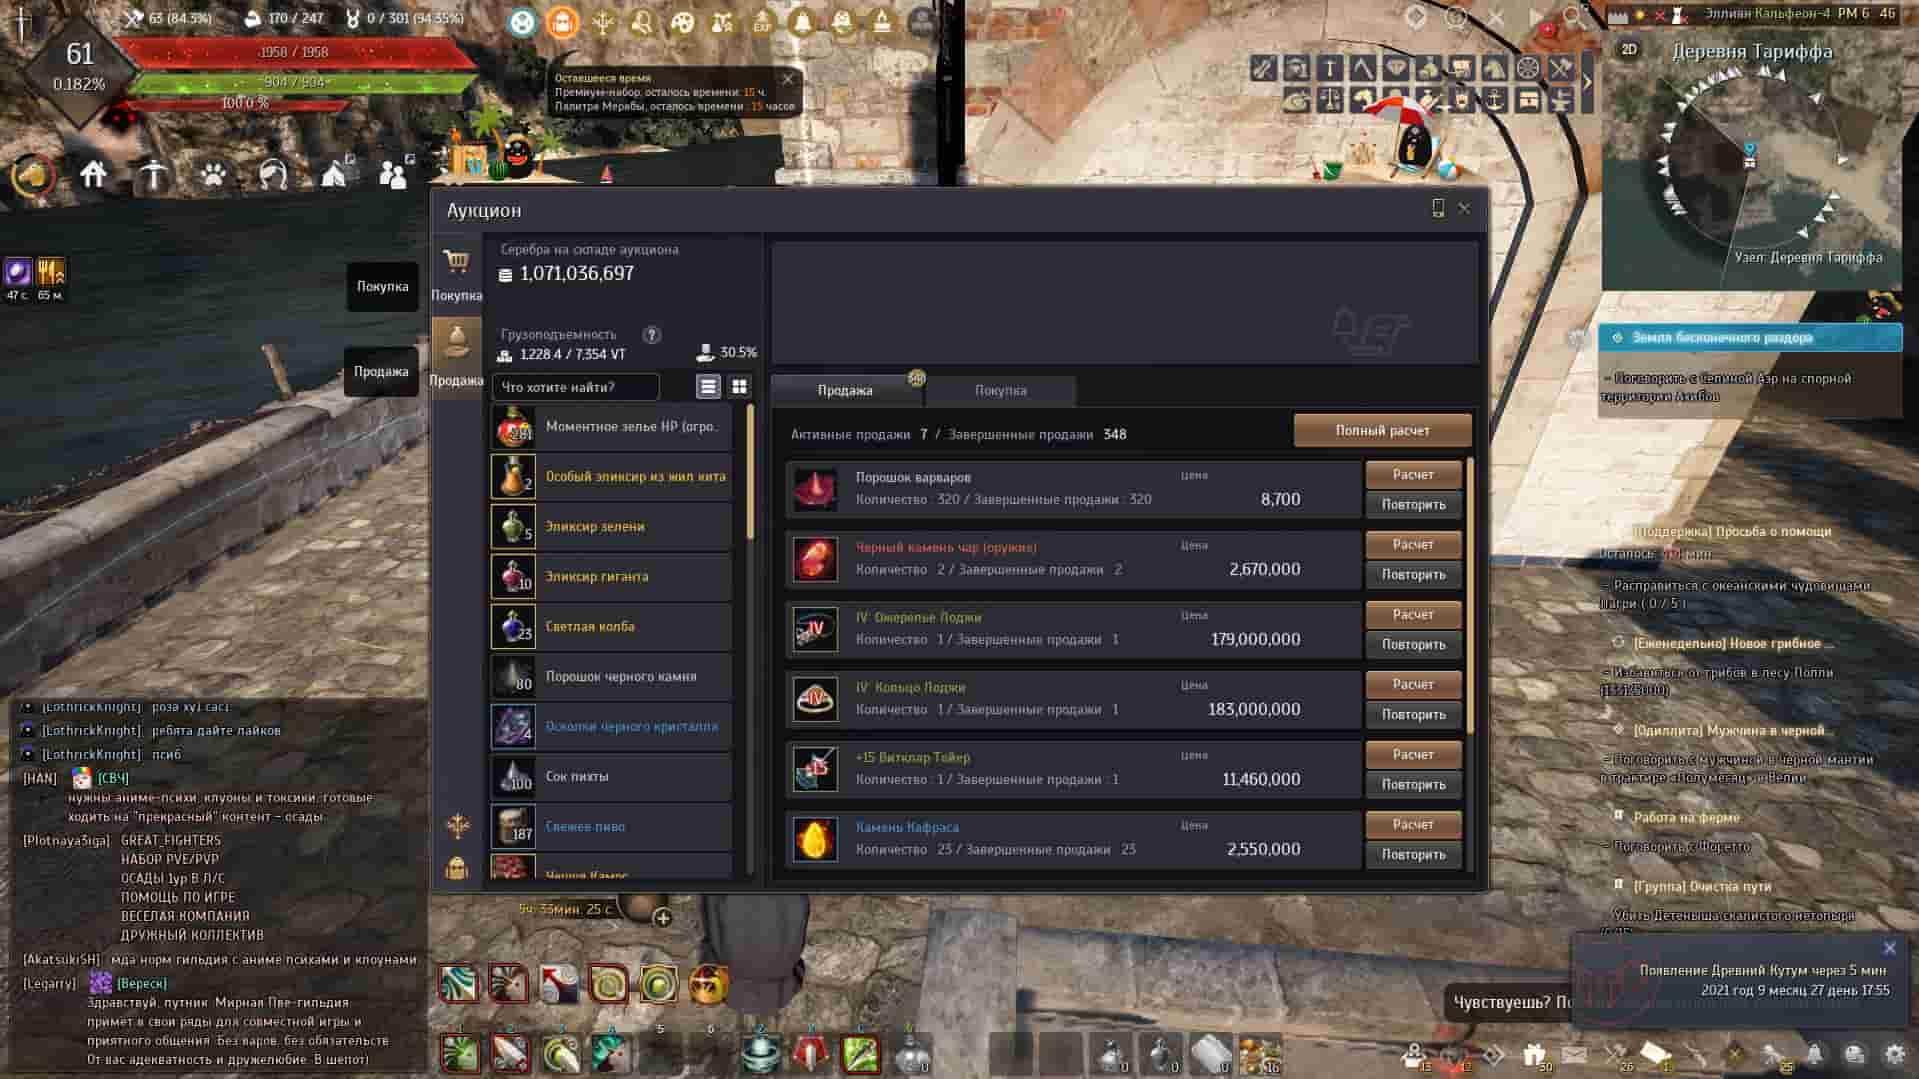 Как пользоваться складом, аукционом, горничными в Black Desert Online (БДО)